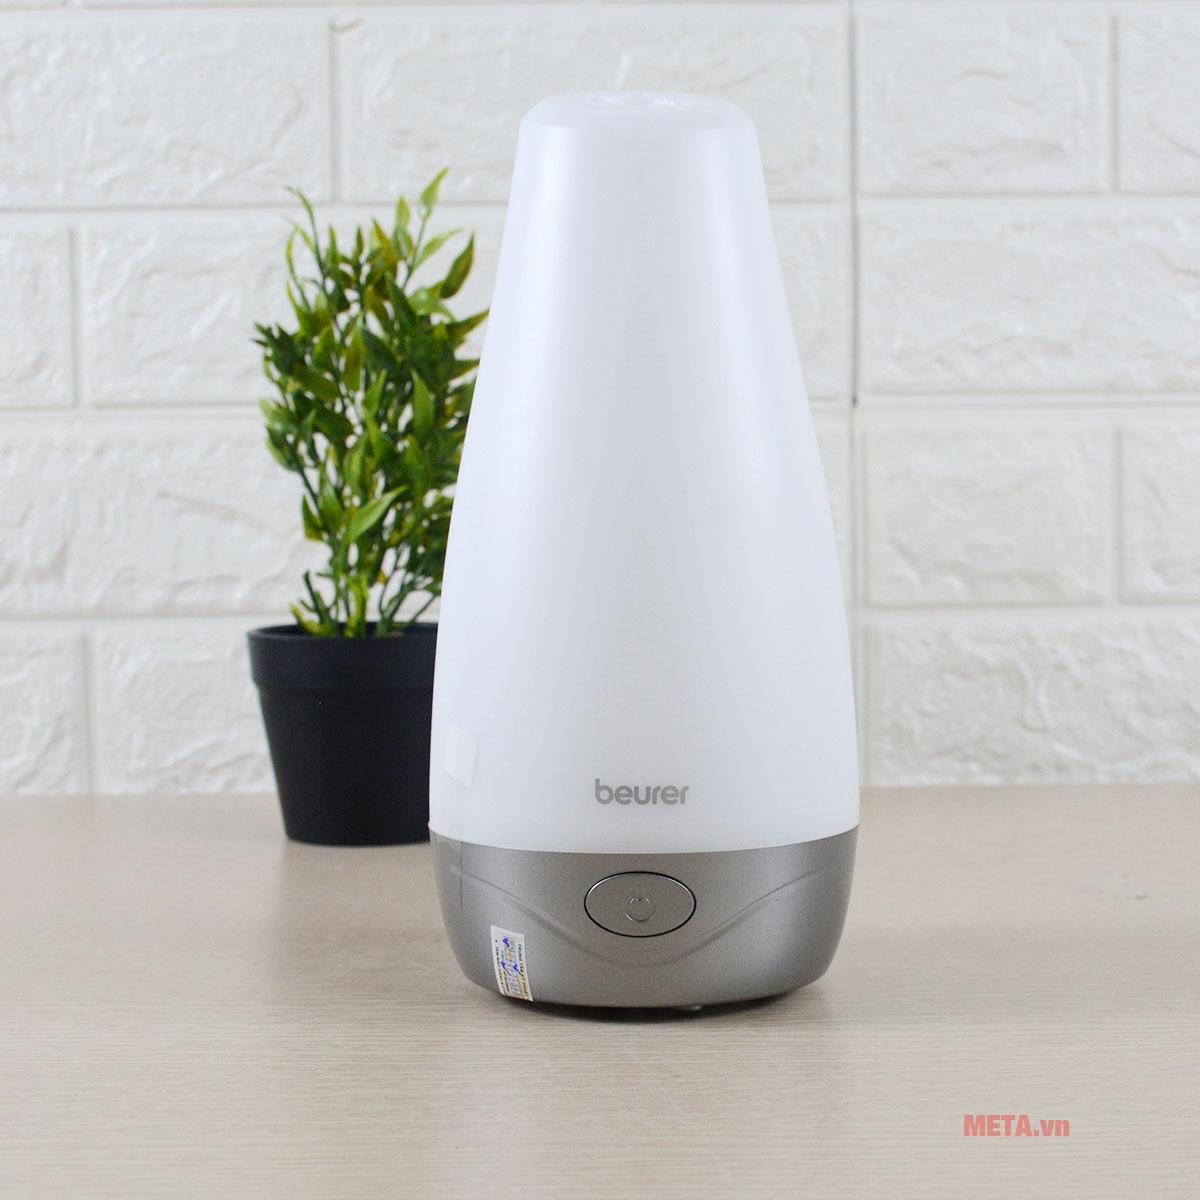 Đèn xông tinh dầu Beurer LA30 có chức năng tự ngắt khi hết nước